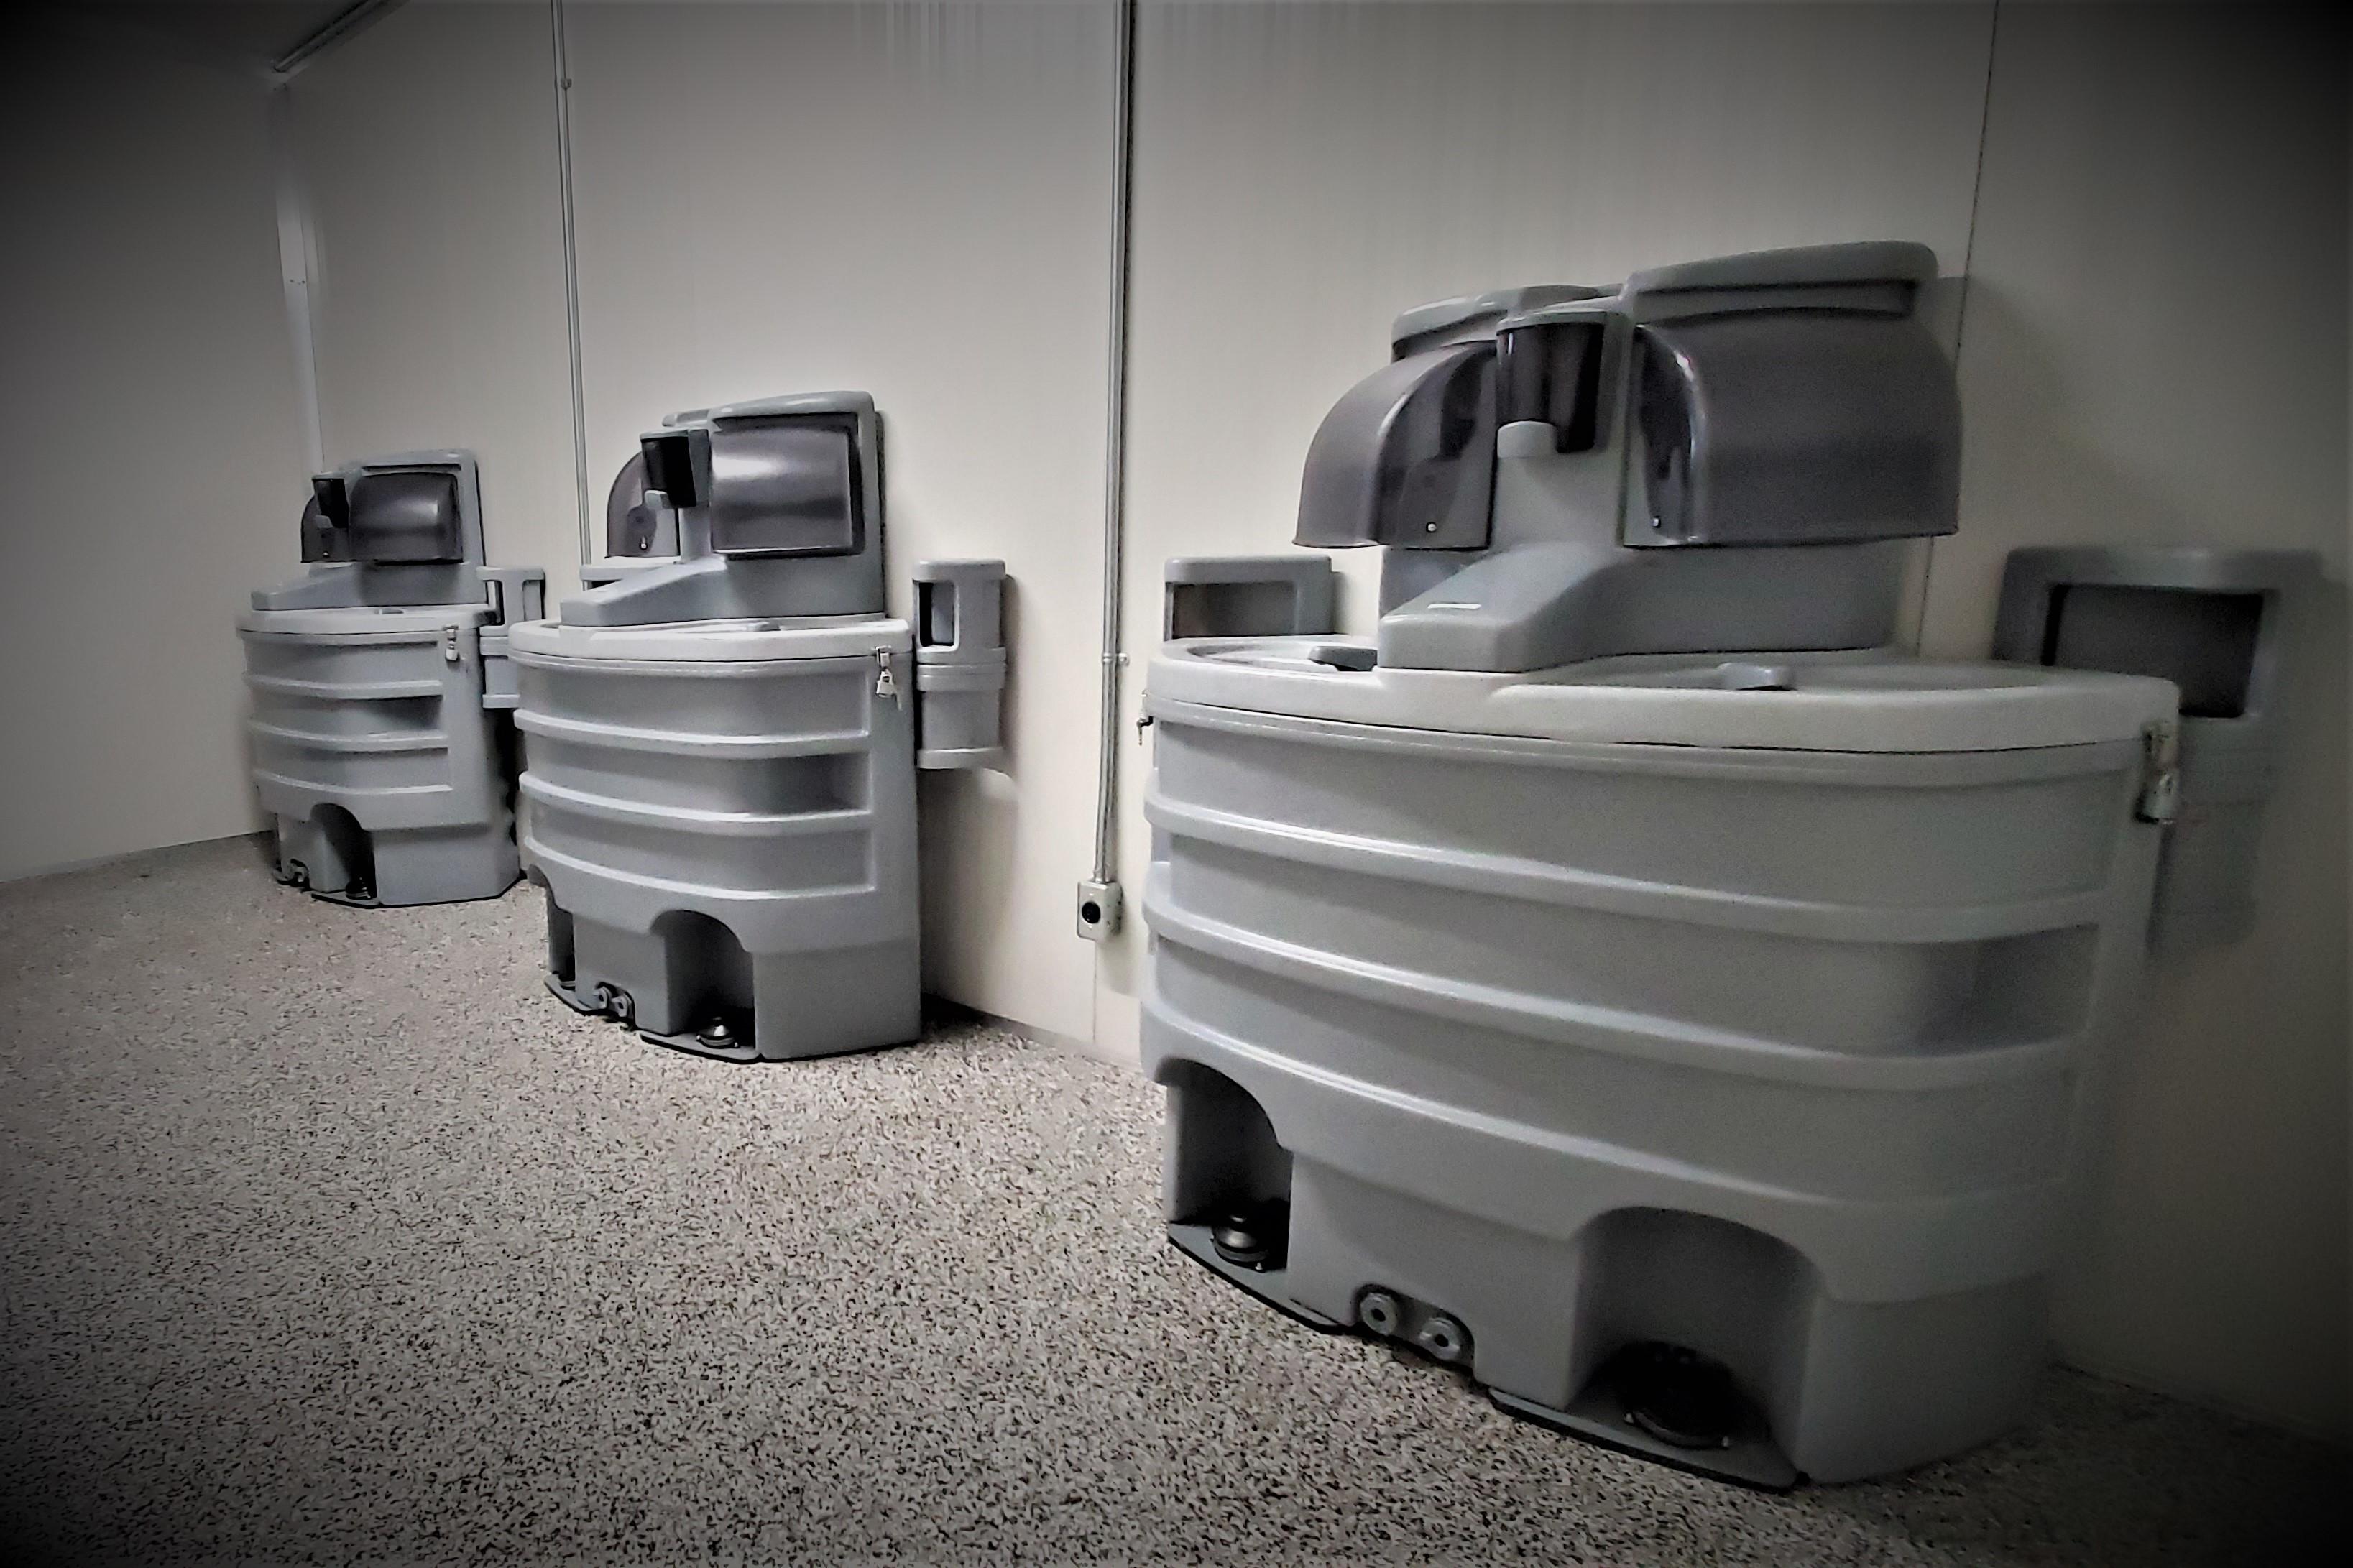 Mobile handwashing stations